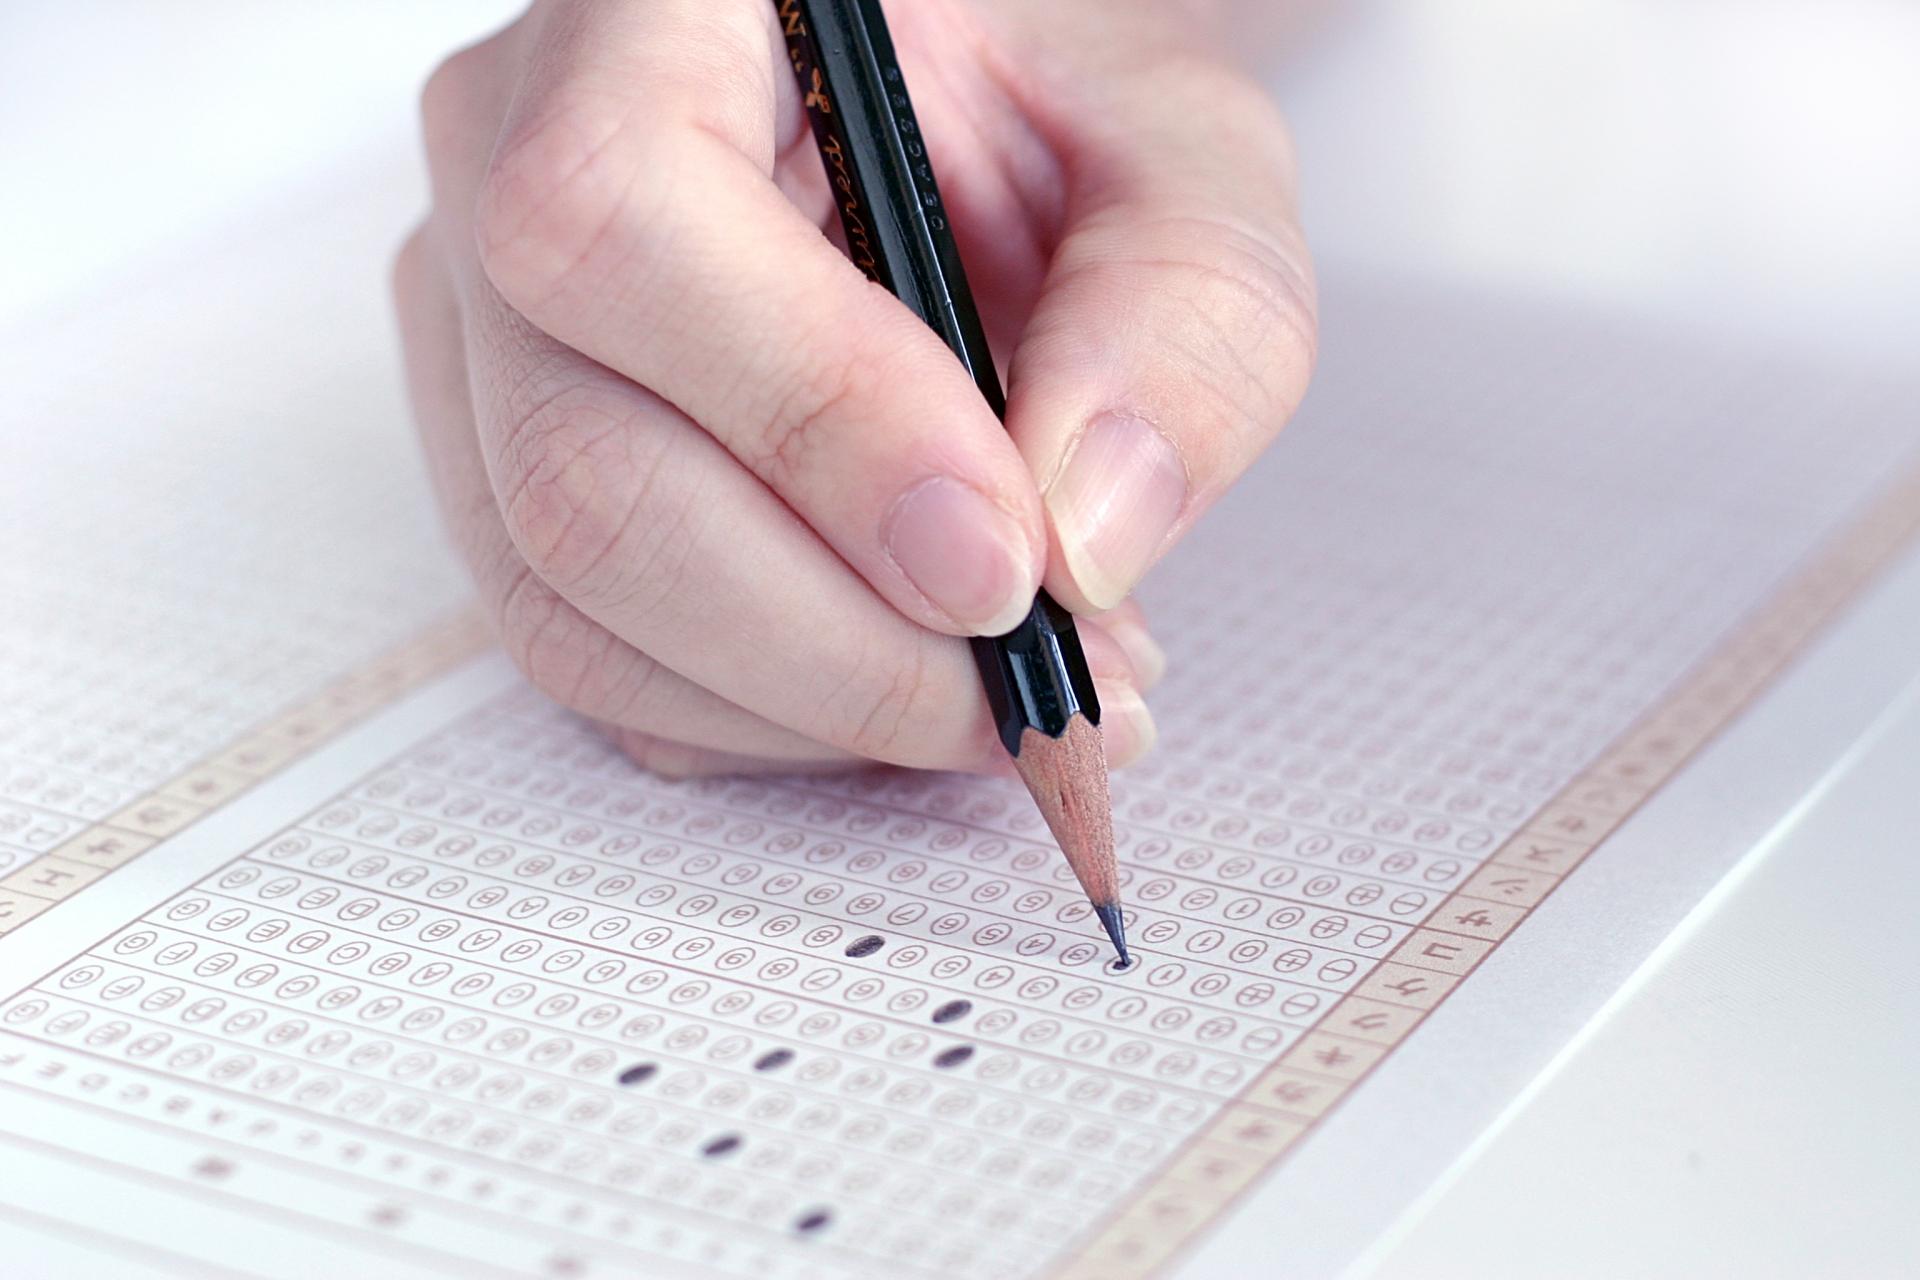 日本の2020年「大学入試改革」はどうなるのか?②-なぜ、試験制度が大きな社会的価値を持つようになったのか?